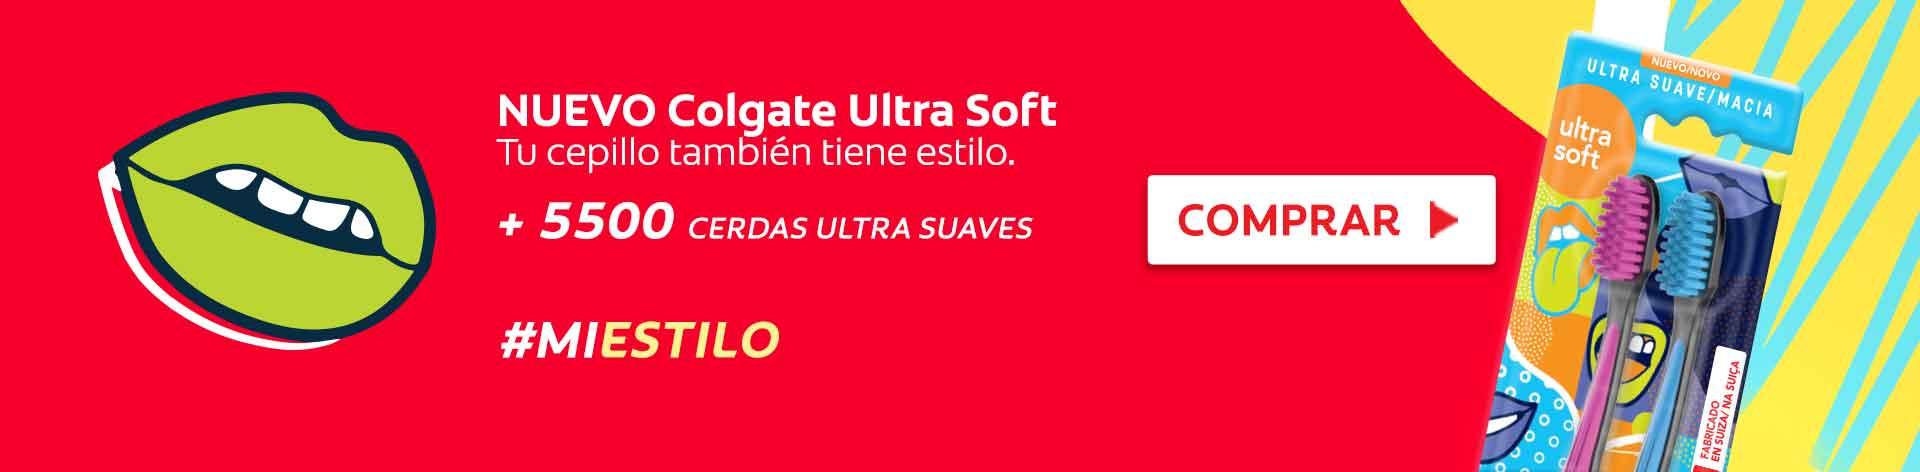 Nuevo Colgate Ultra Soft